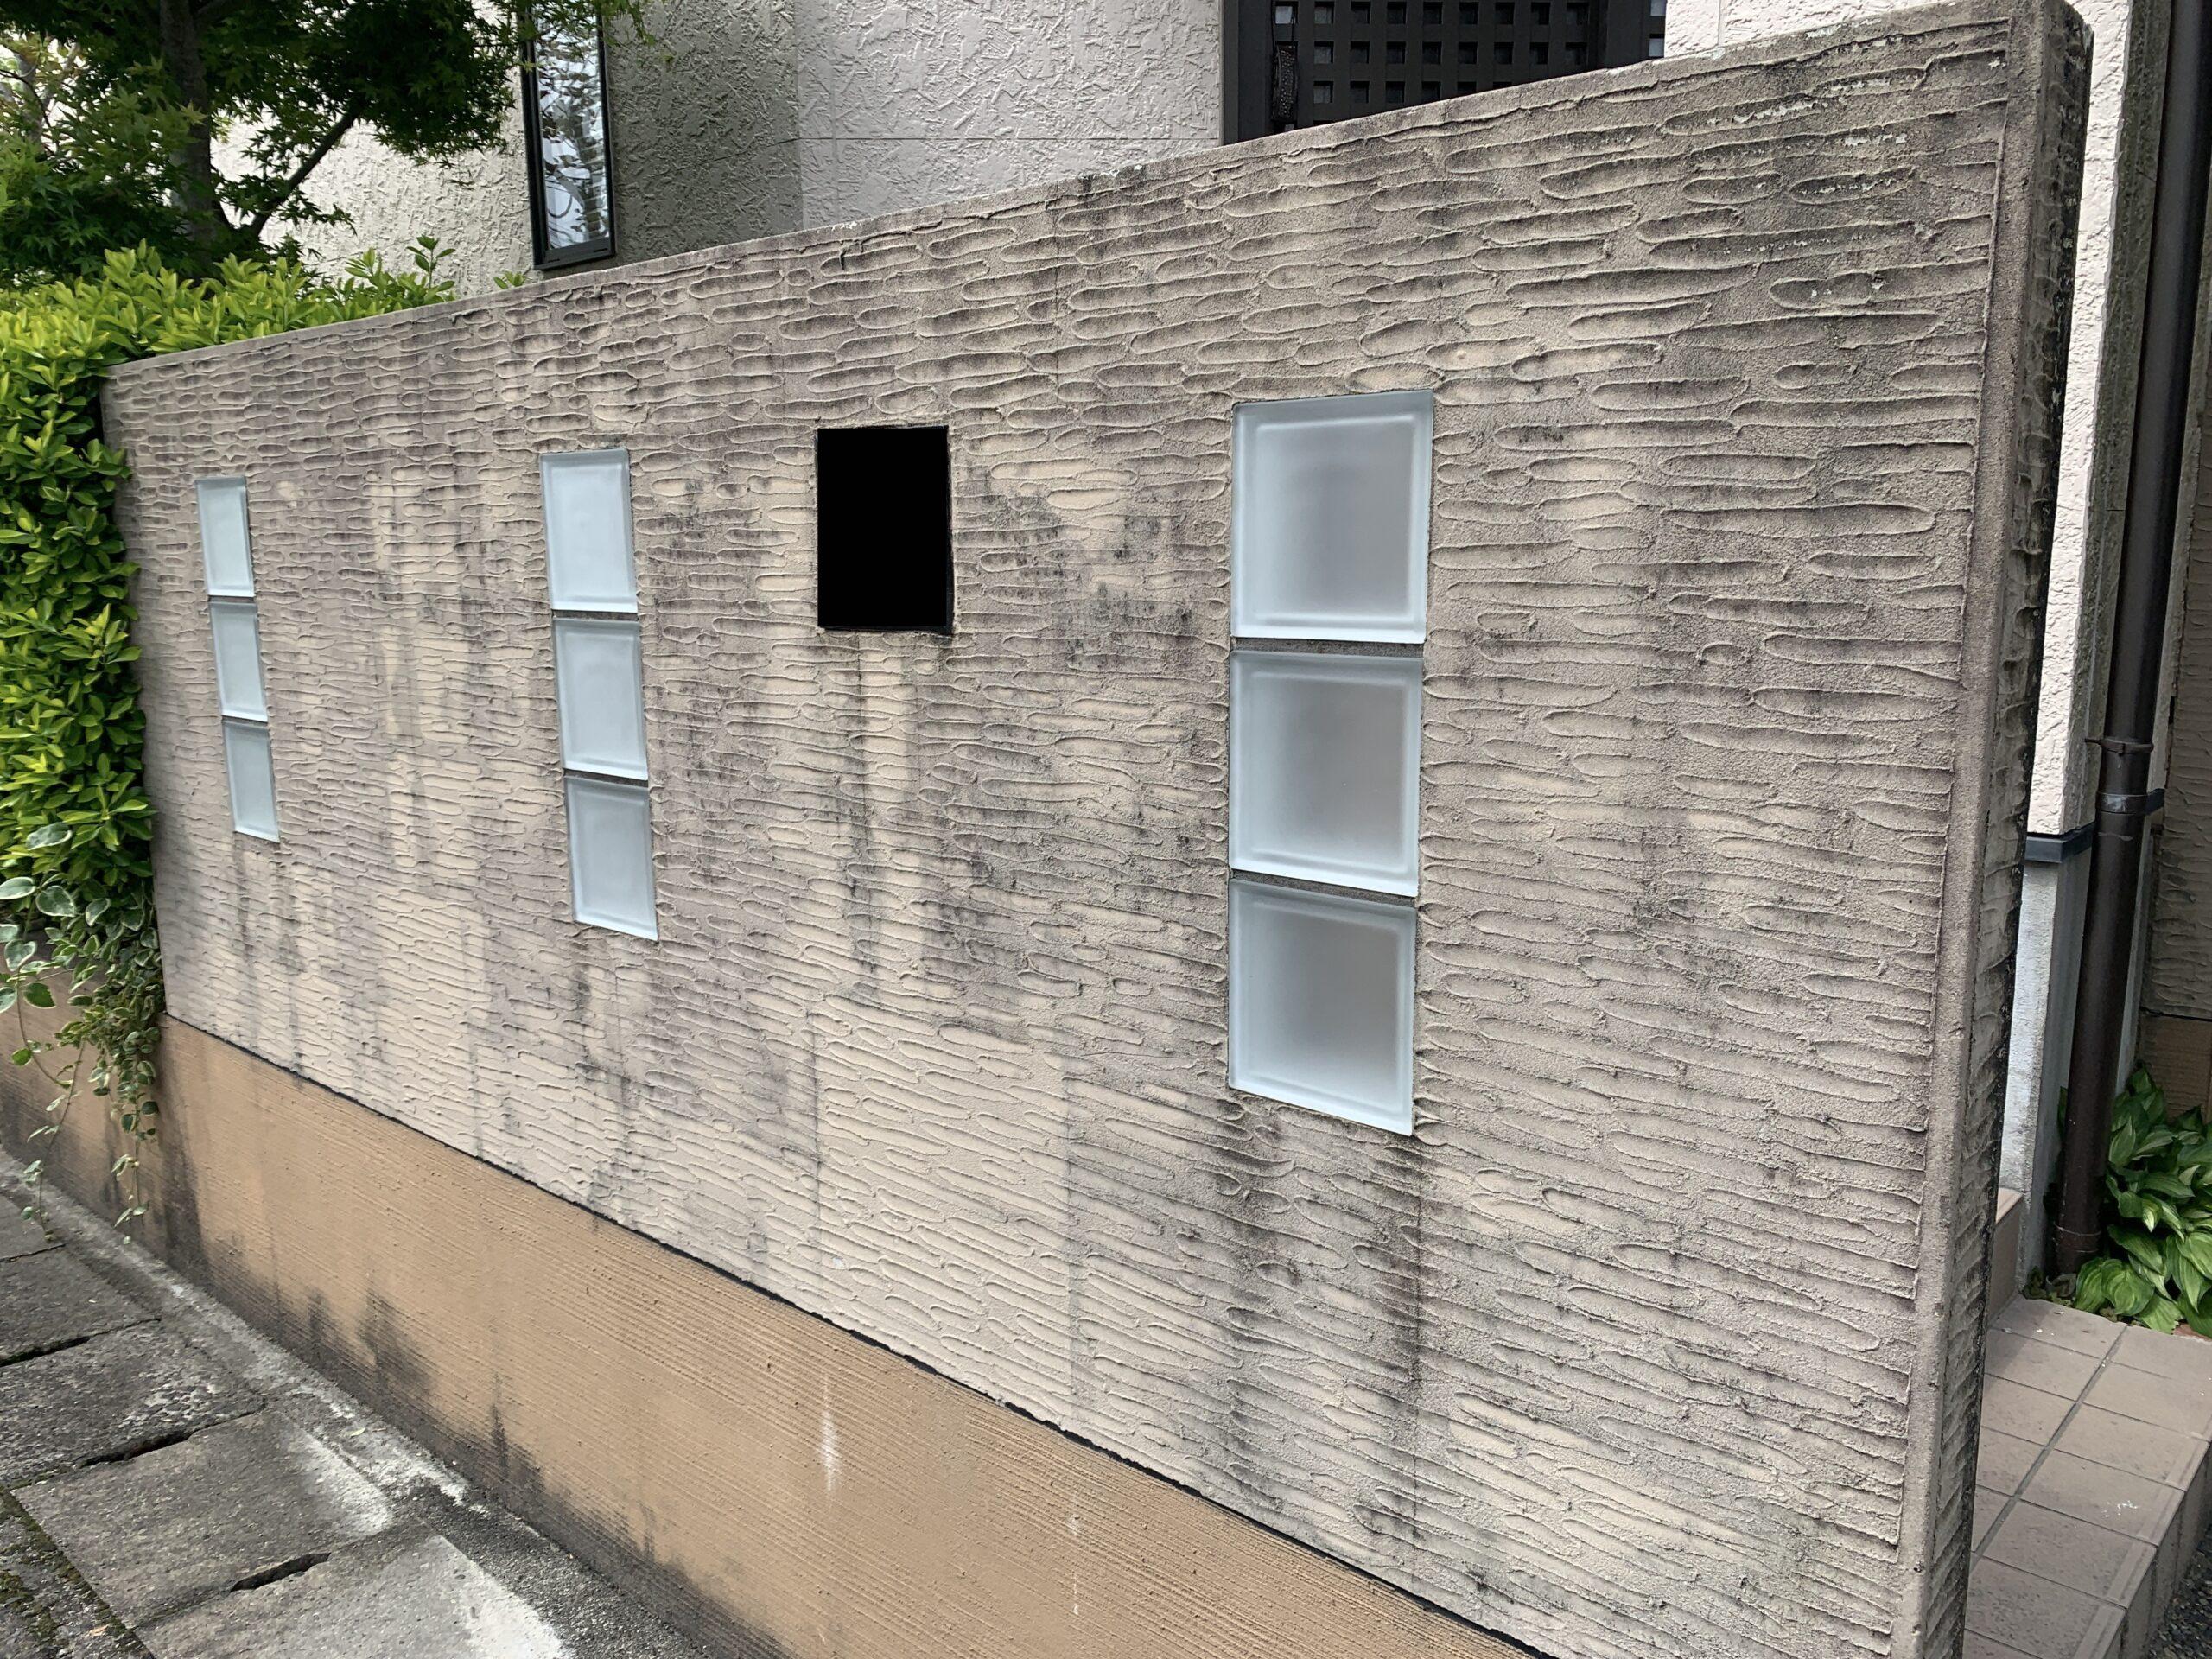 佐賀市 塗るばい サニー建設商事 サニケン さにけん 施工日記 塀塗装 塀 塗装